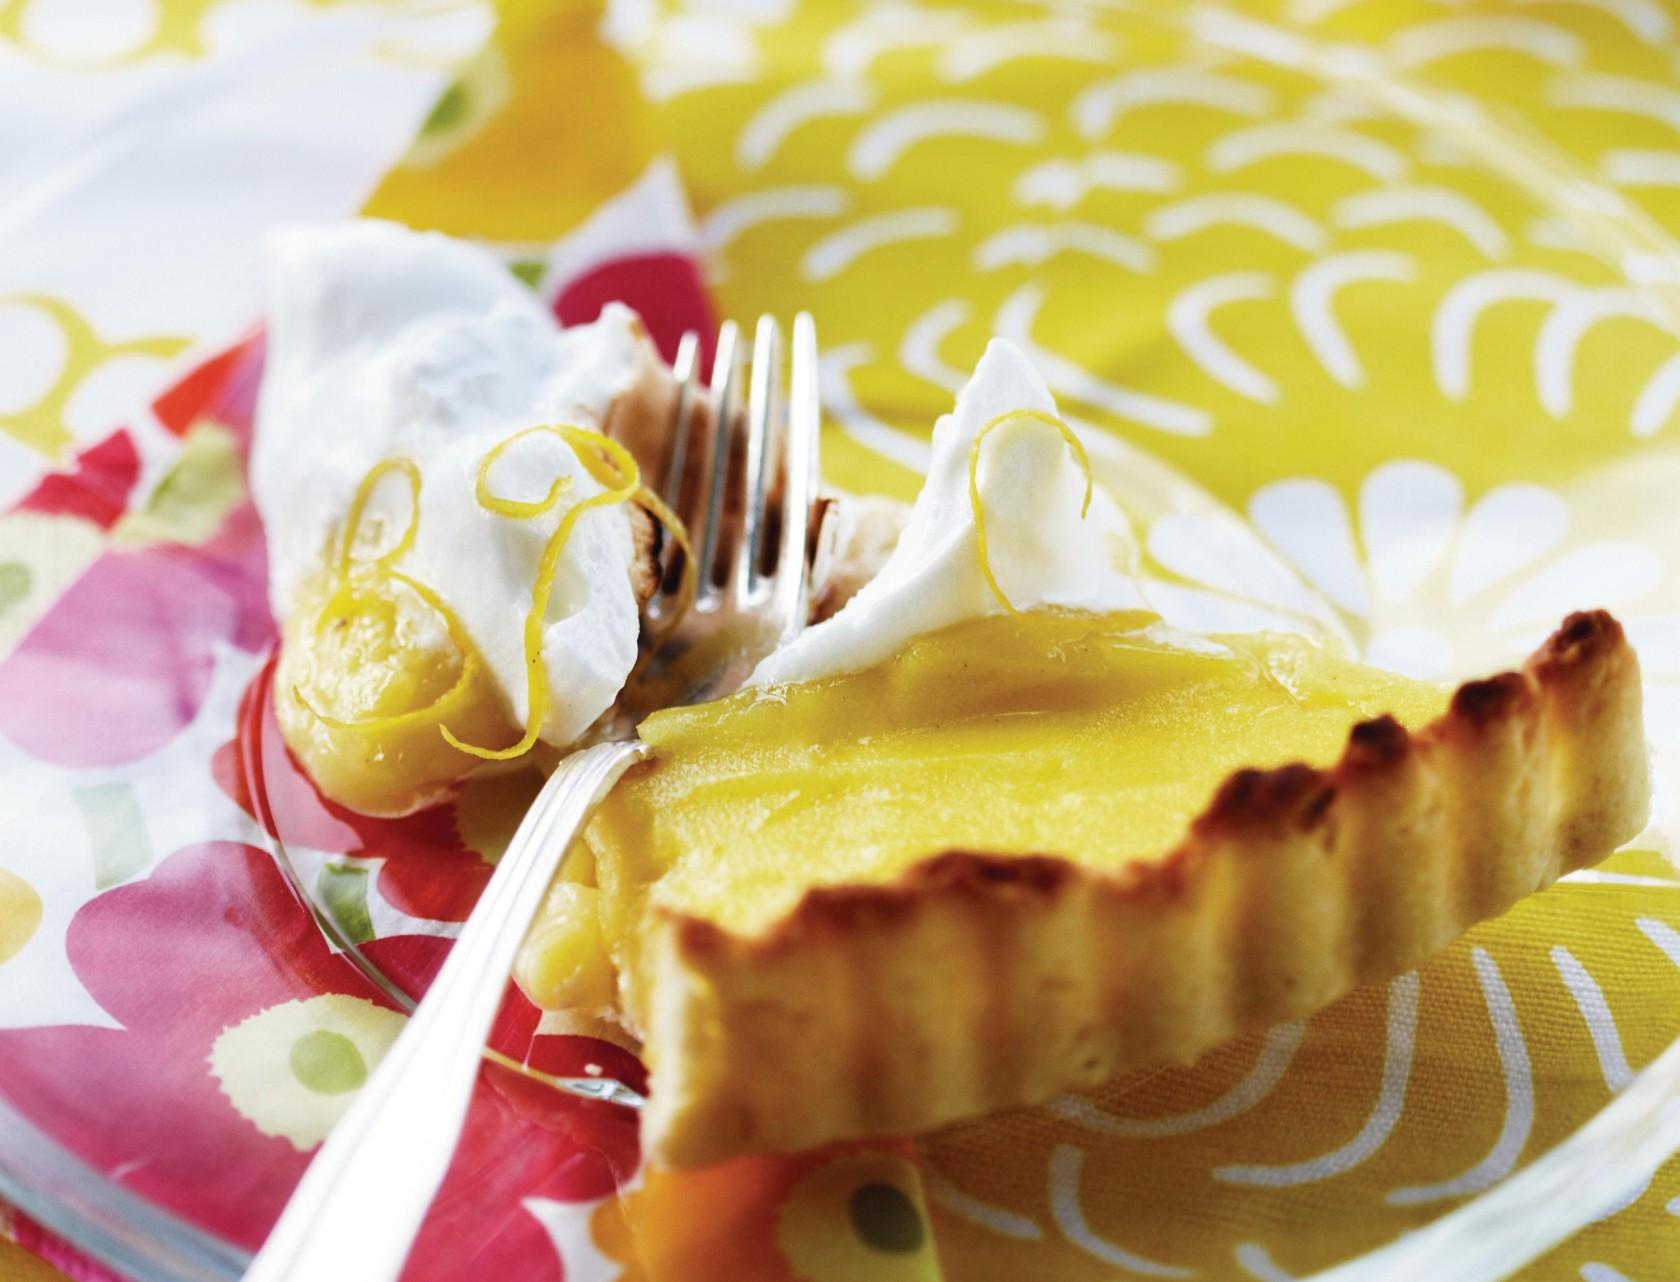 Citrontærte med marengslåg - en fransk klassiker